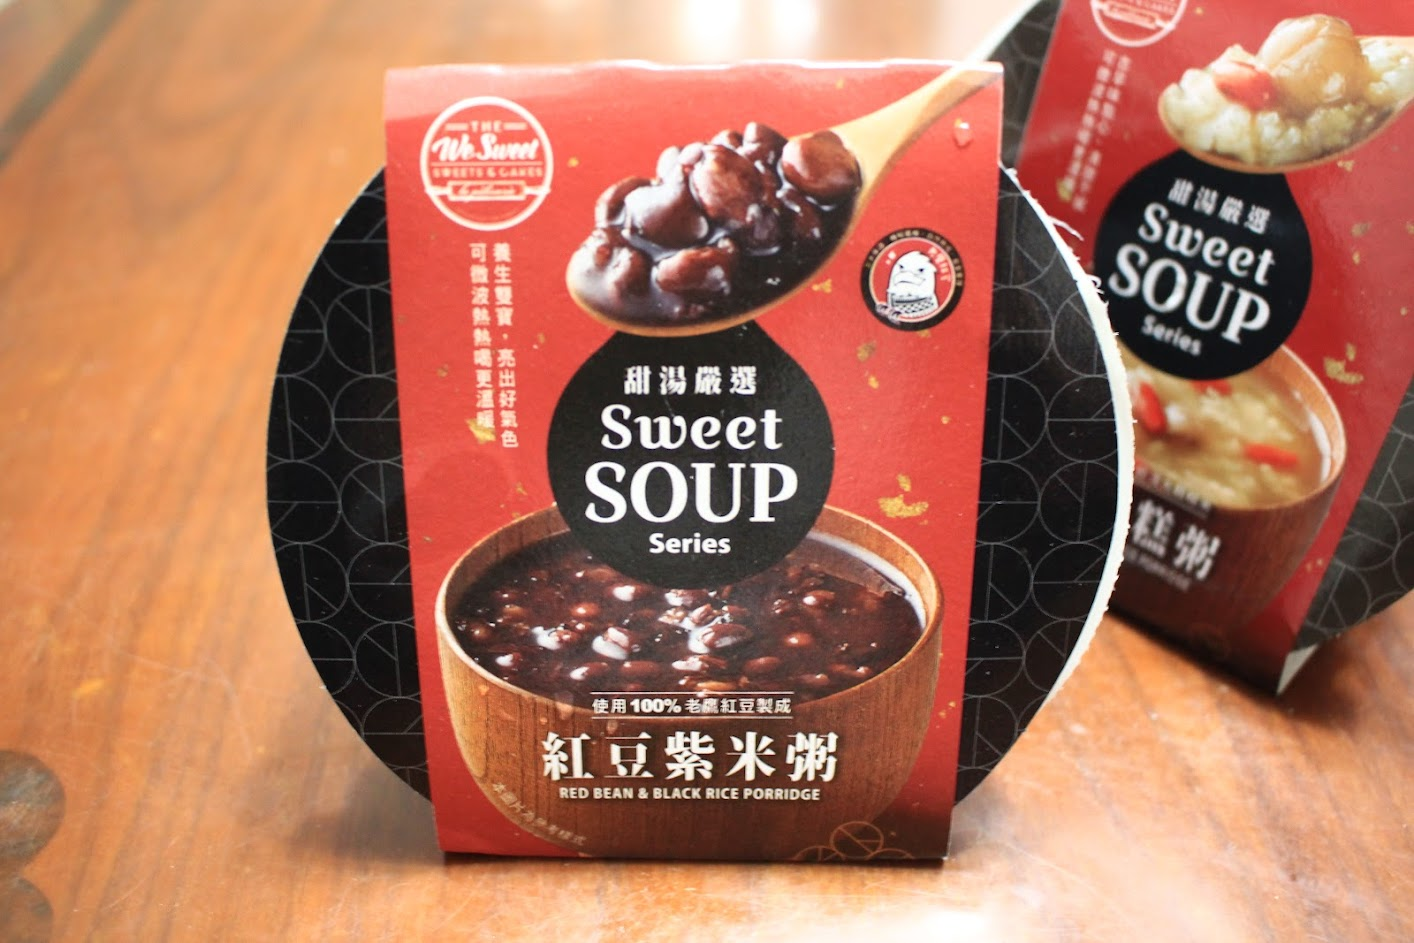 福記紅豆紫米粥|桂圓米糕粥|全聯甜點推薦|即開即食就像現煮的一樣 @ 楓言楓語 :: 痞客邦